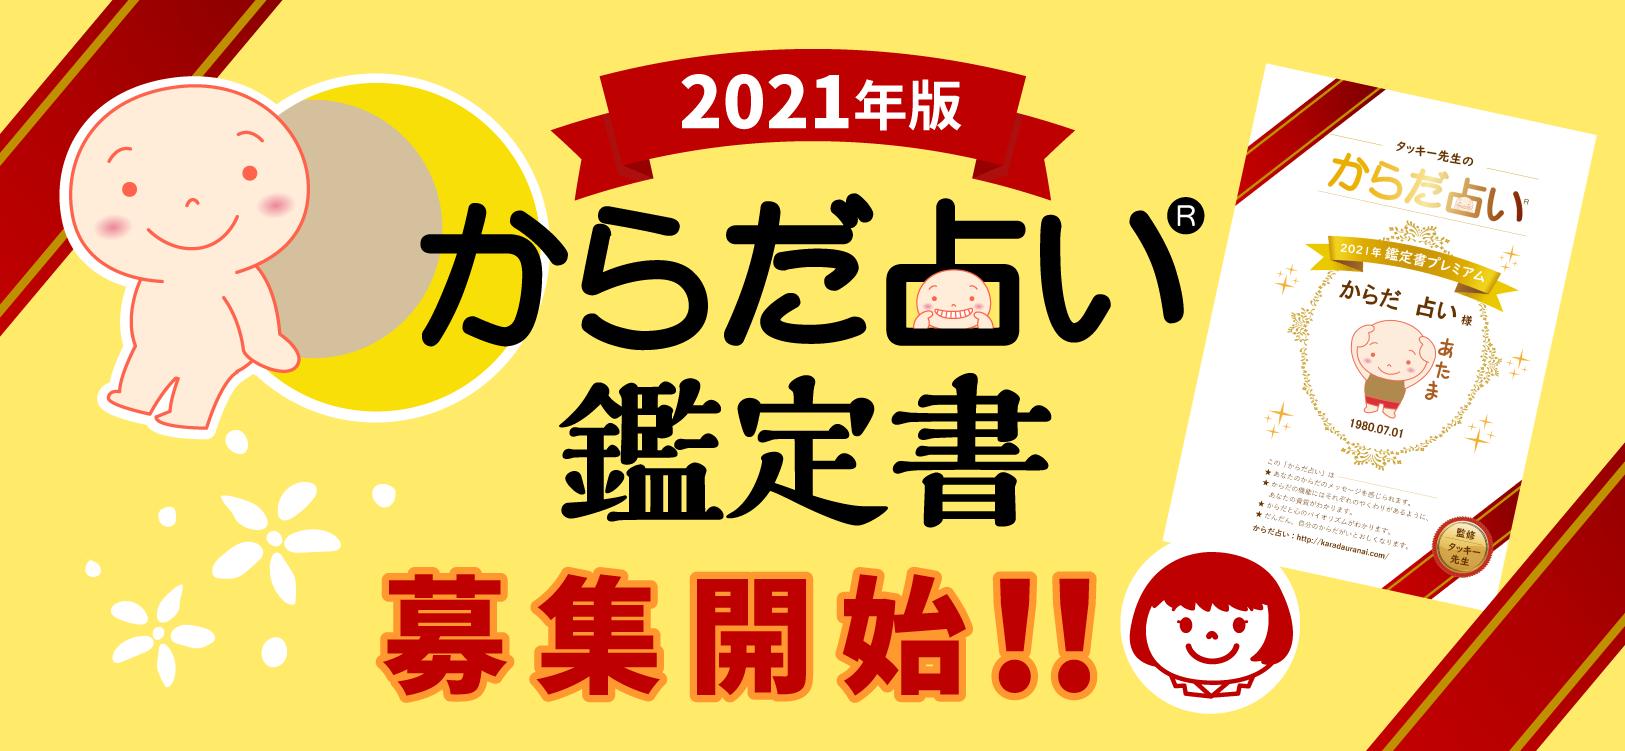 鑑定書&お福分けシリーズ発売中